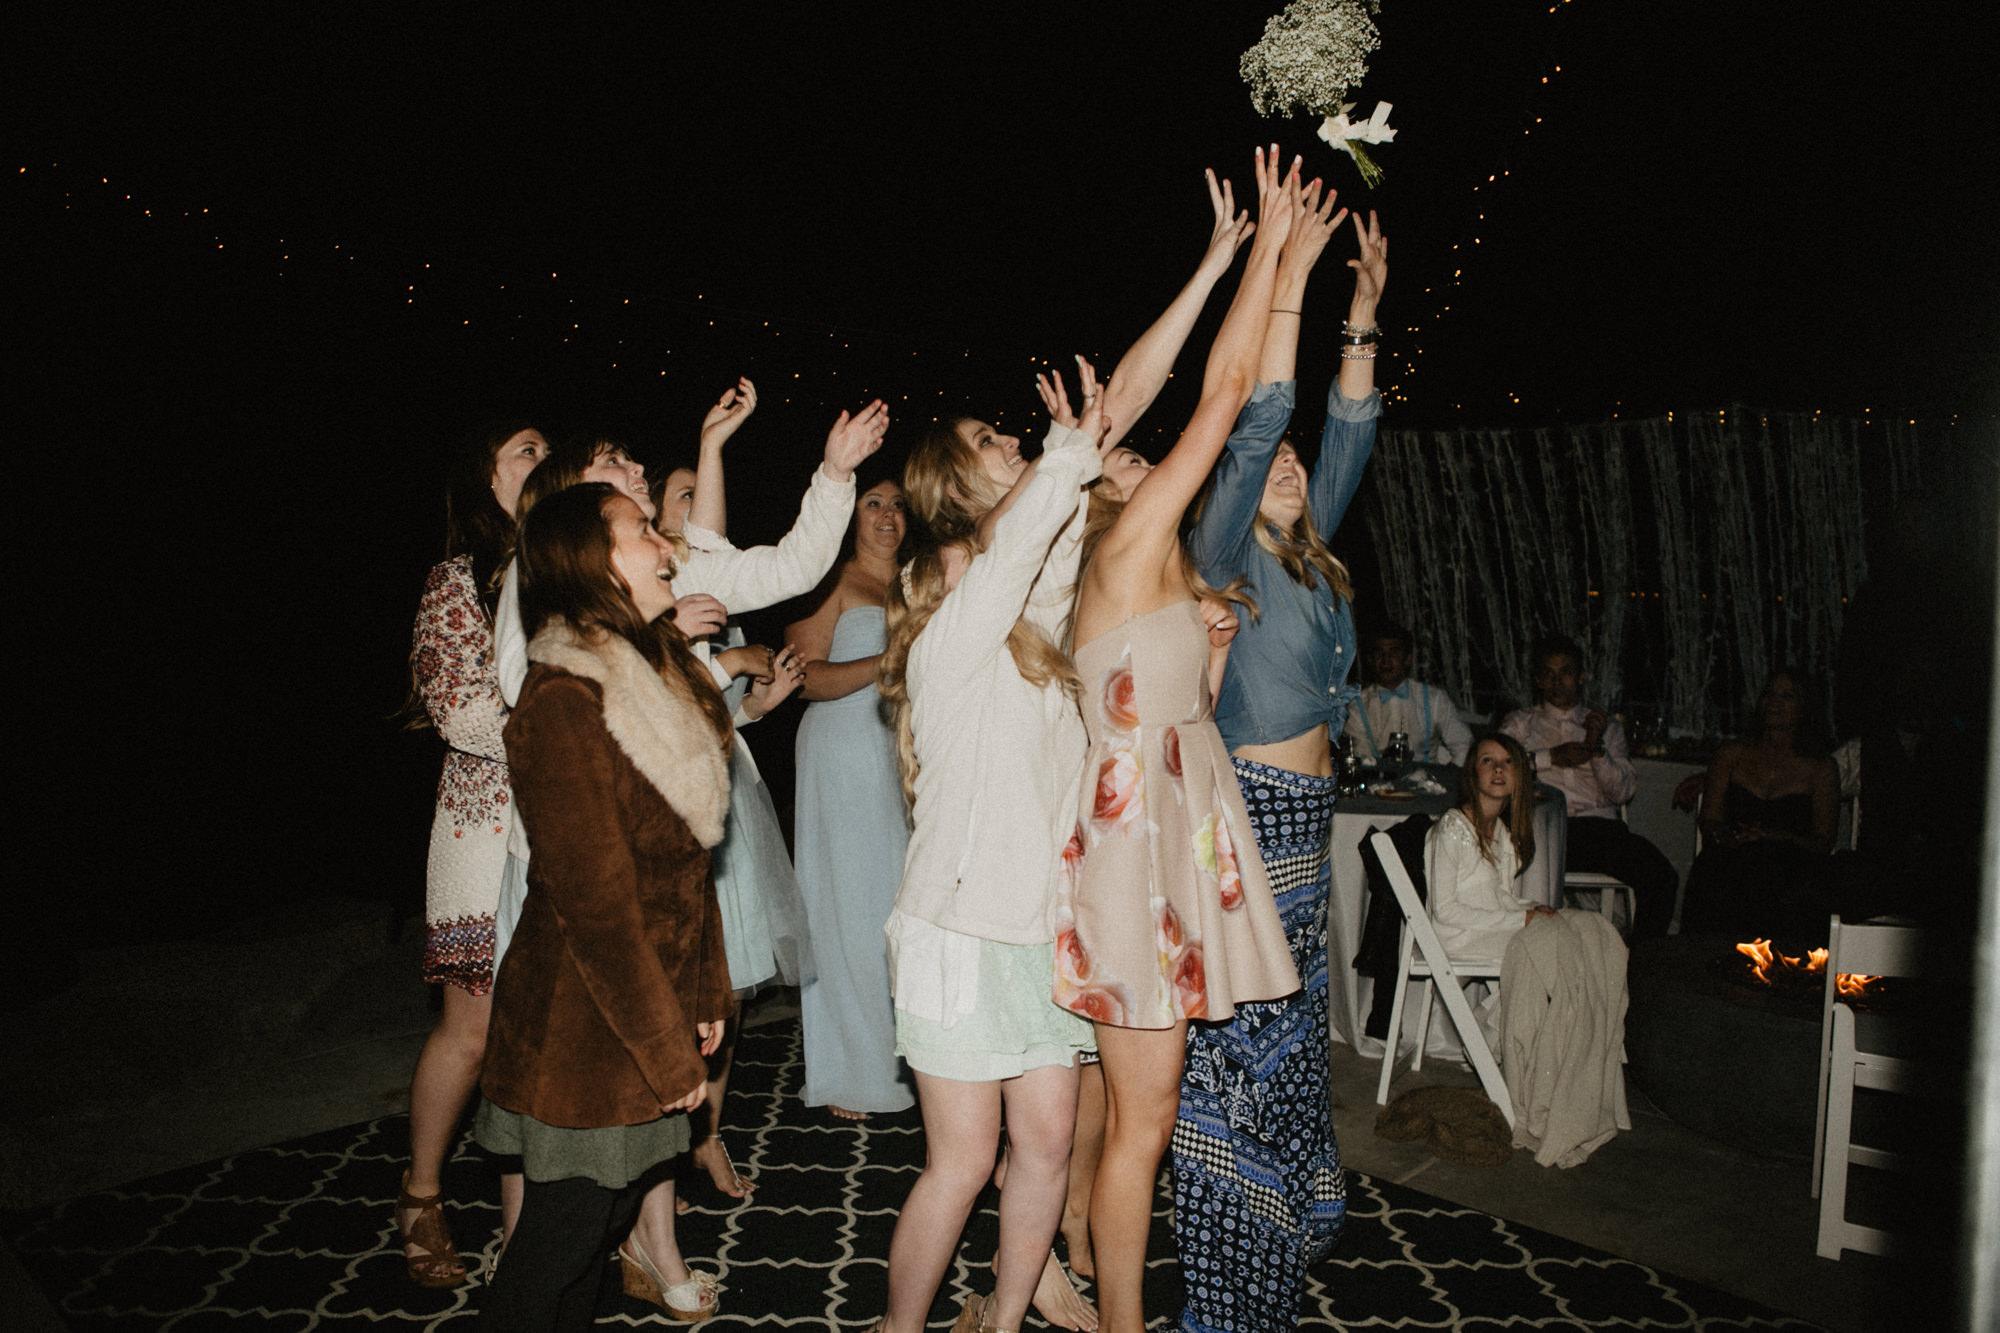 oceanside_airbnb_wedding-79.jpg